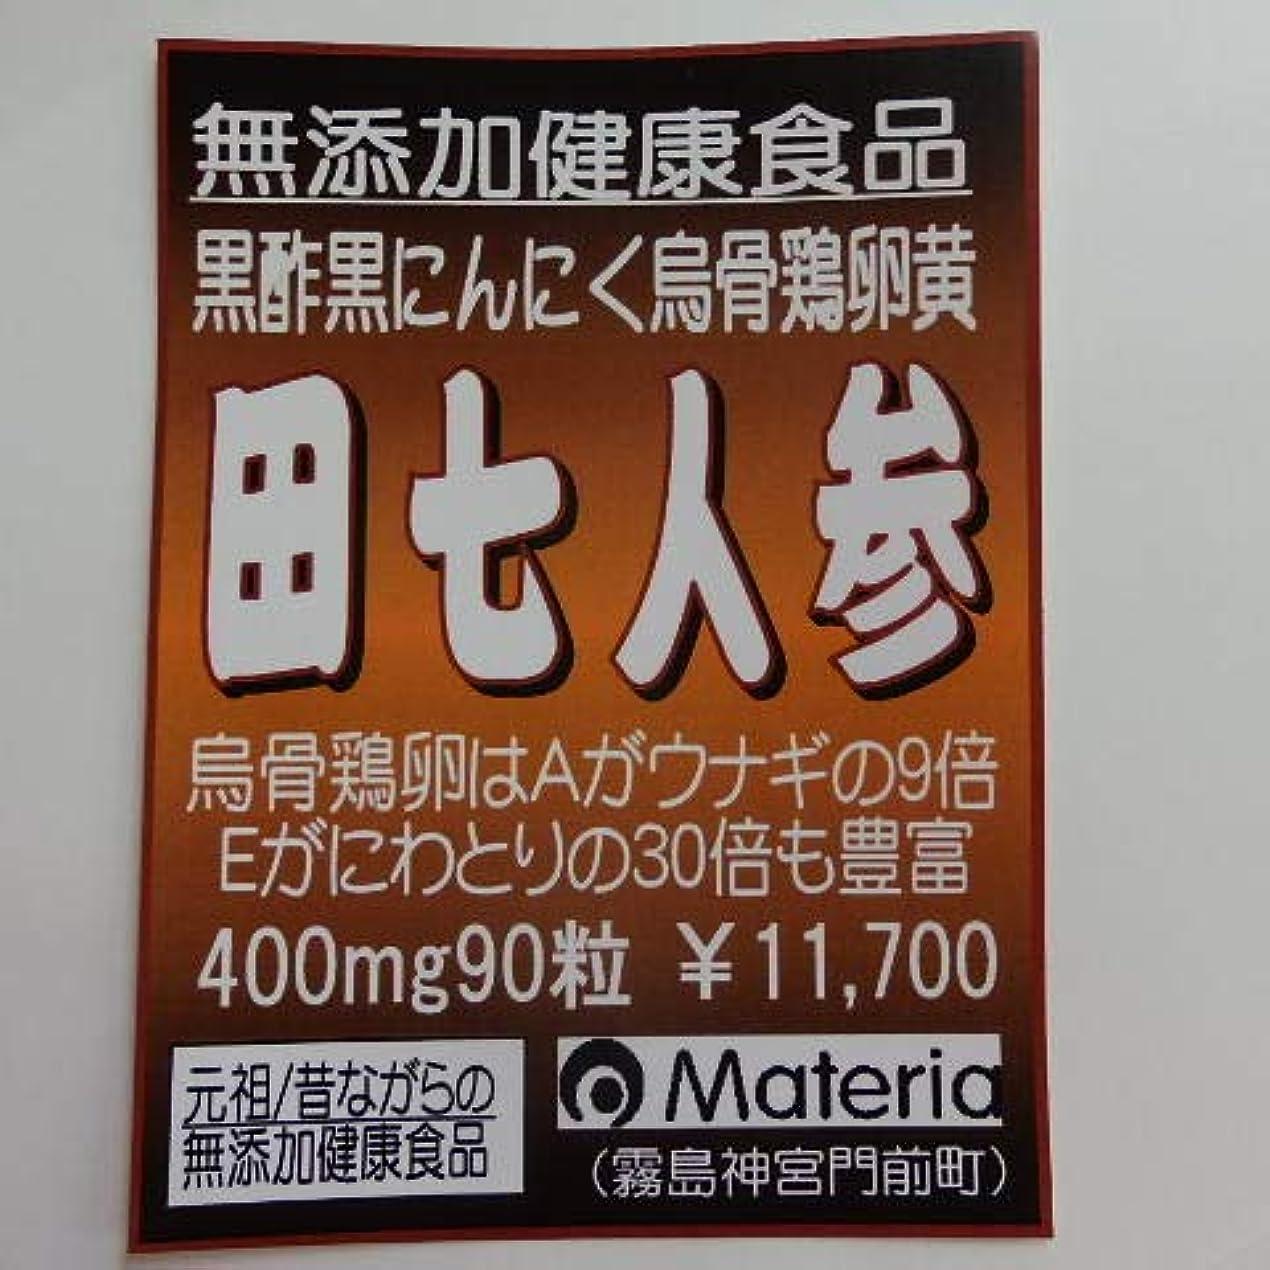 そうでなければ北ネブ無添加健康食品/黒酢黒にんにく烏骨鶏卵黄/田七人参(90粒)90日分¥11,700